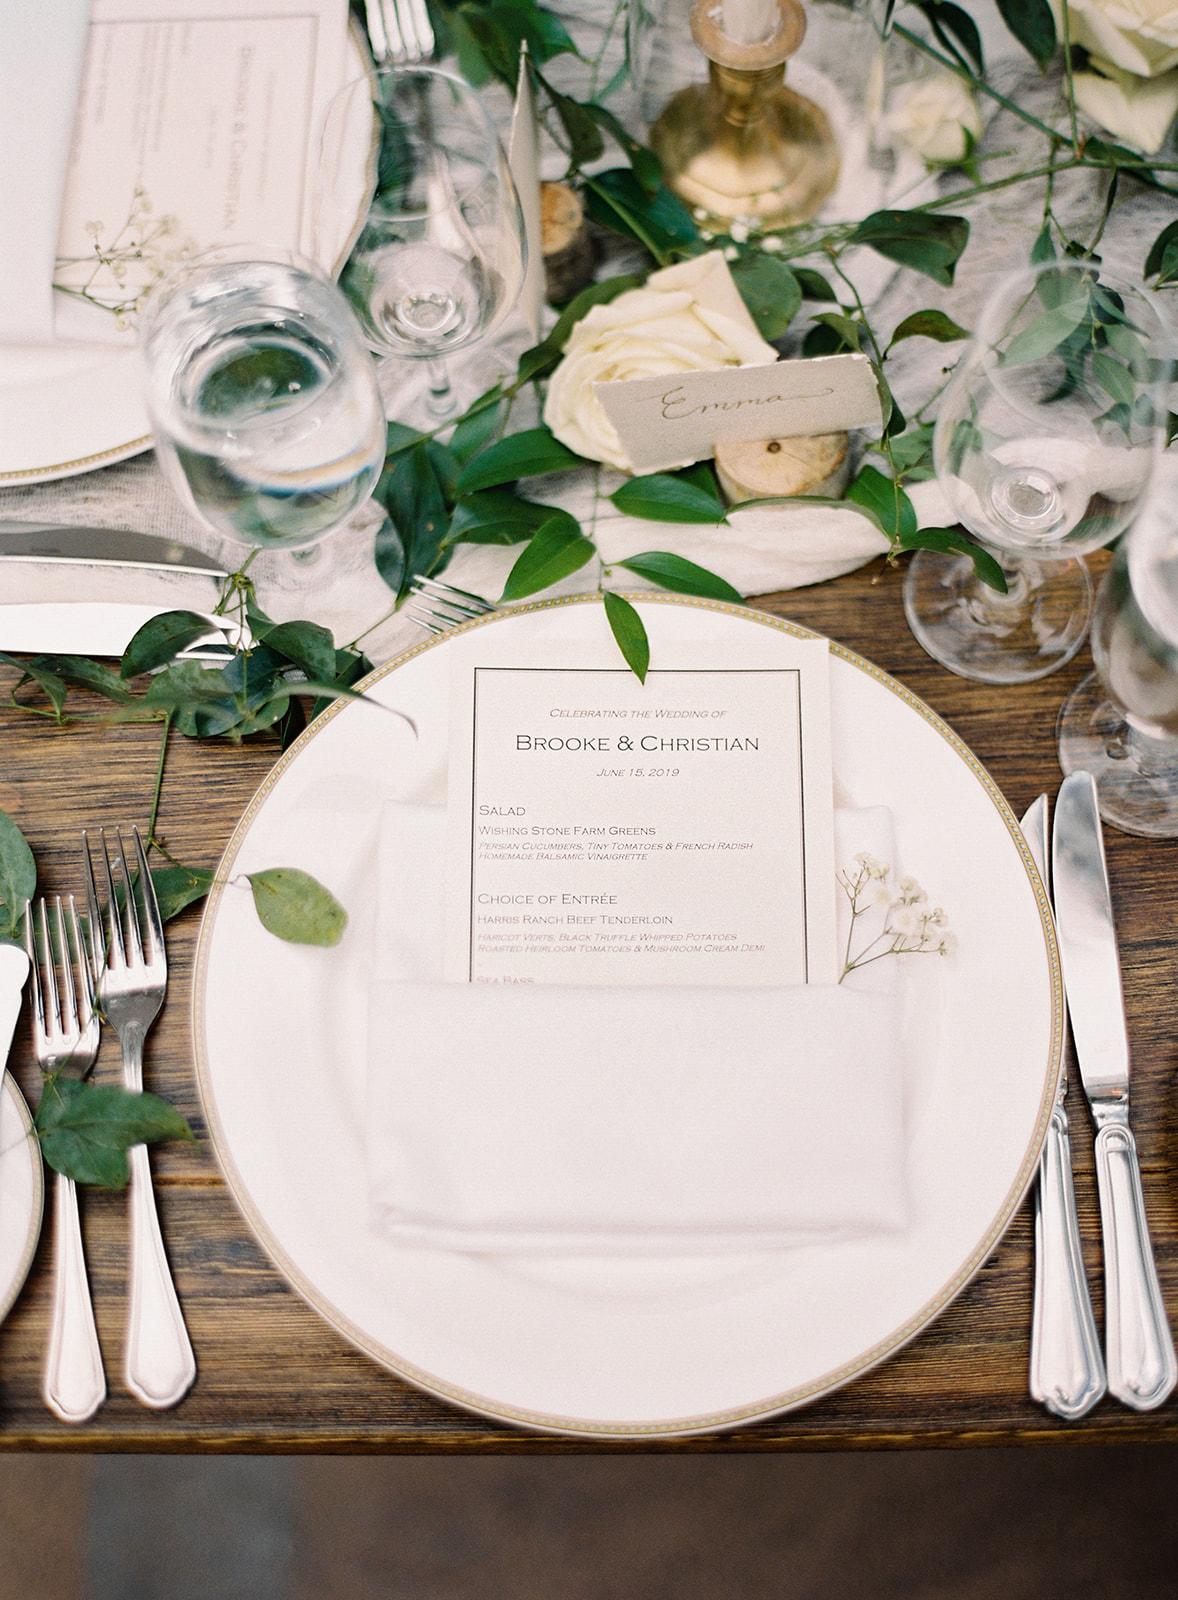 wedding reception wooden tables place setting floral arrangement menu